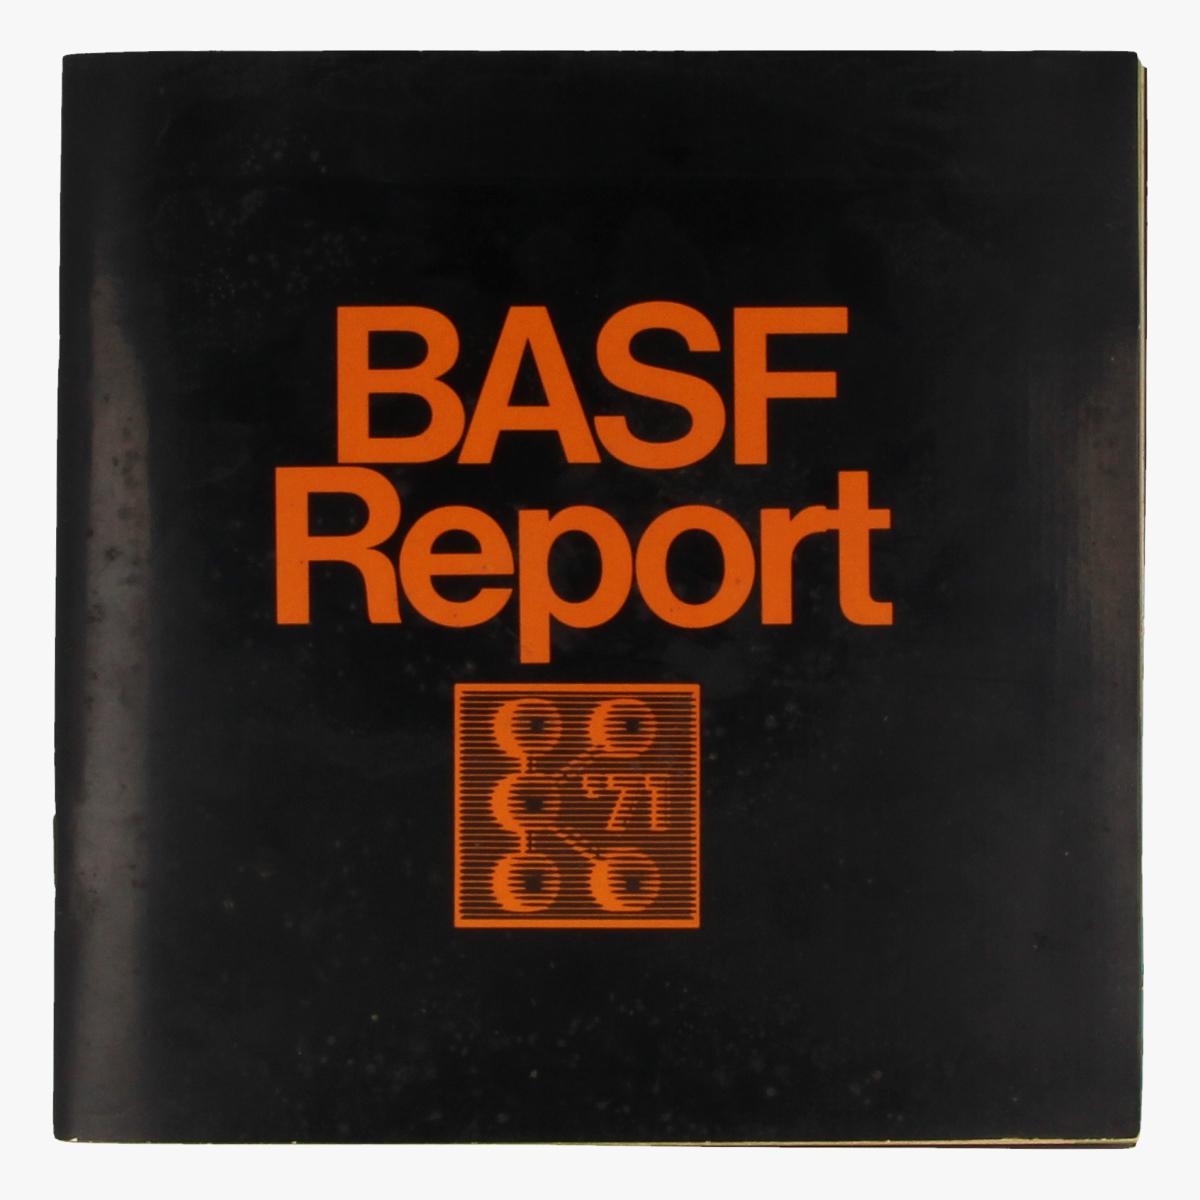 Afbeeldingen van BASF macht die musik - Variationen k'71 LP 45toeren